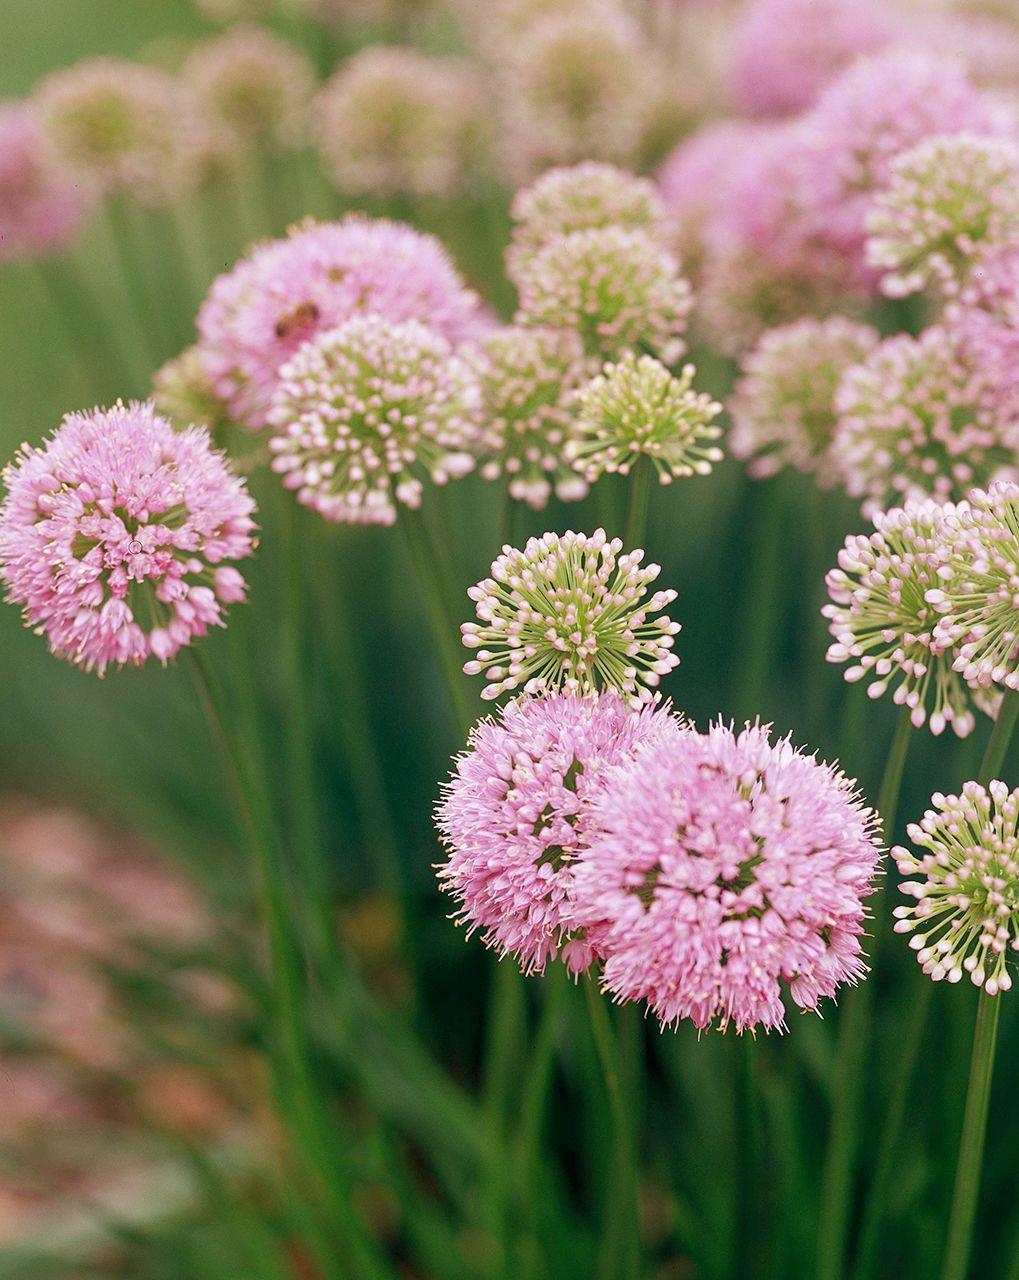 16 Of The Prettiest Allium Varieties To Plant In Your Garden In 2020 Plants Allium Flowers Flowers Perennials